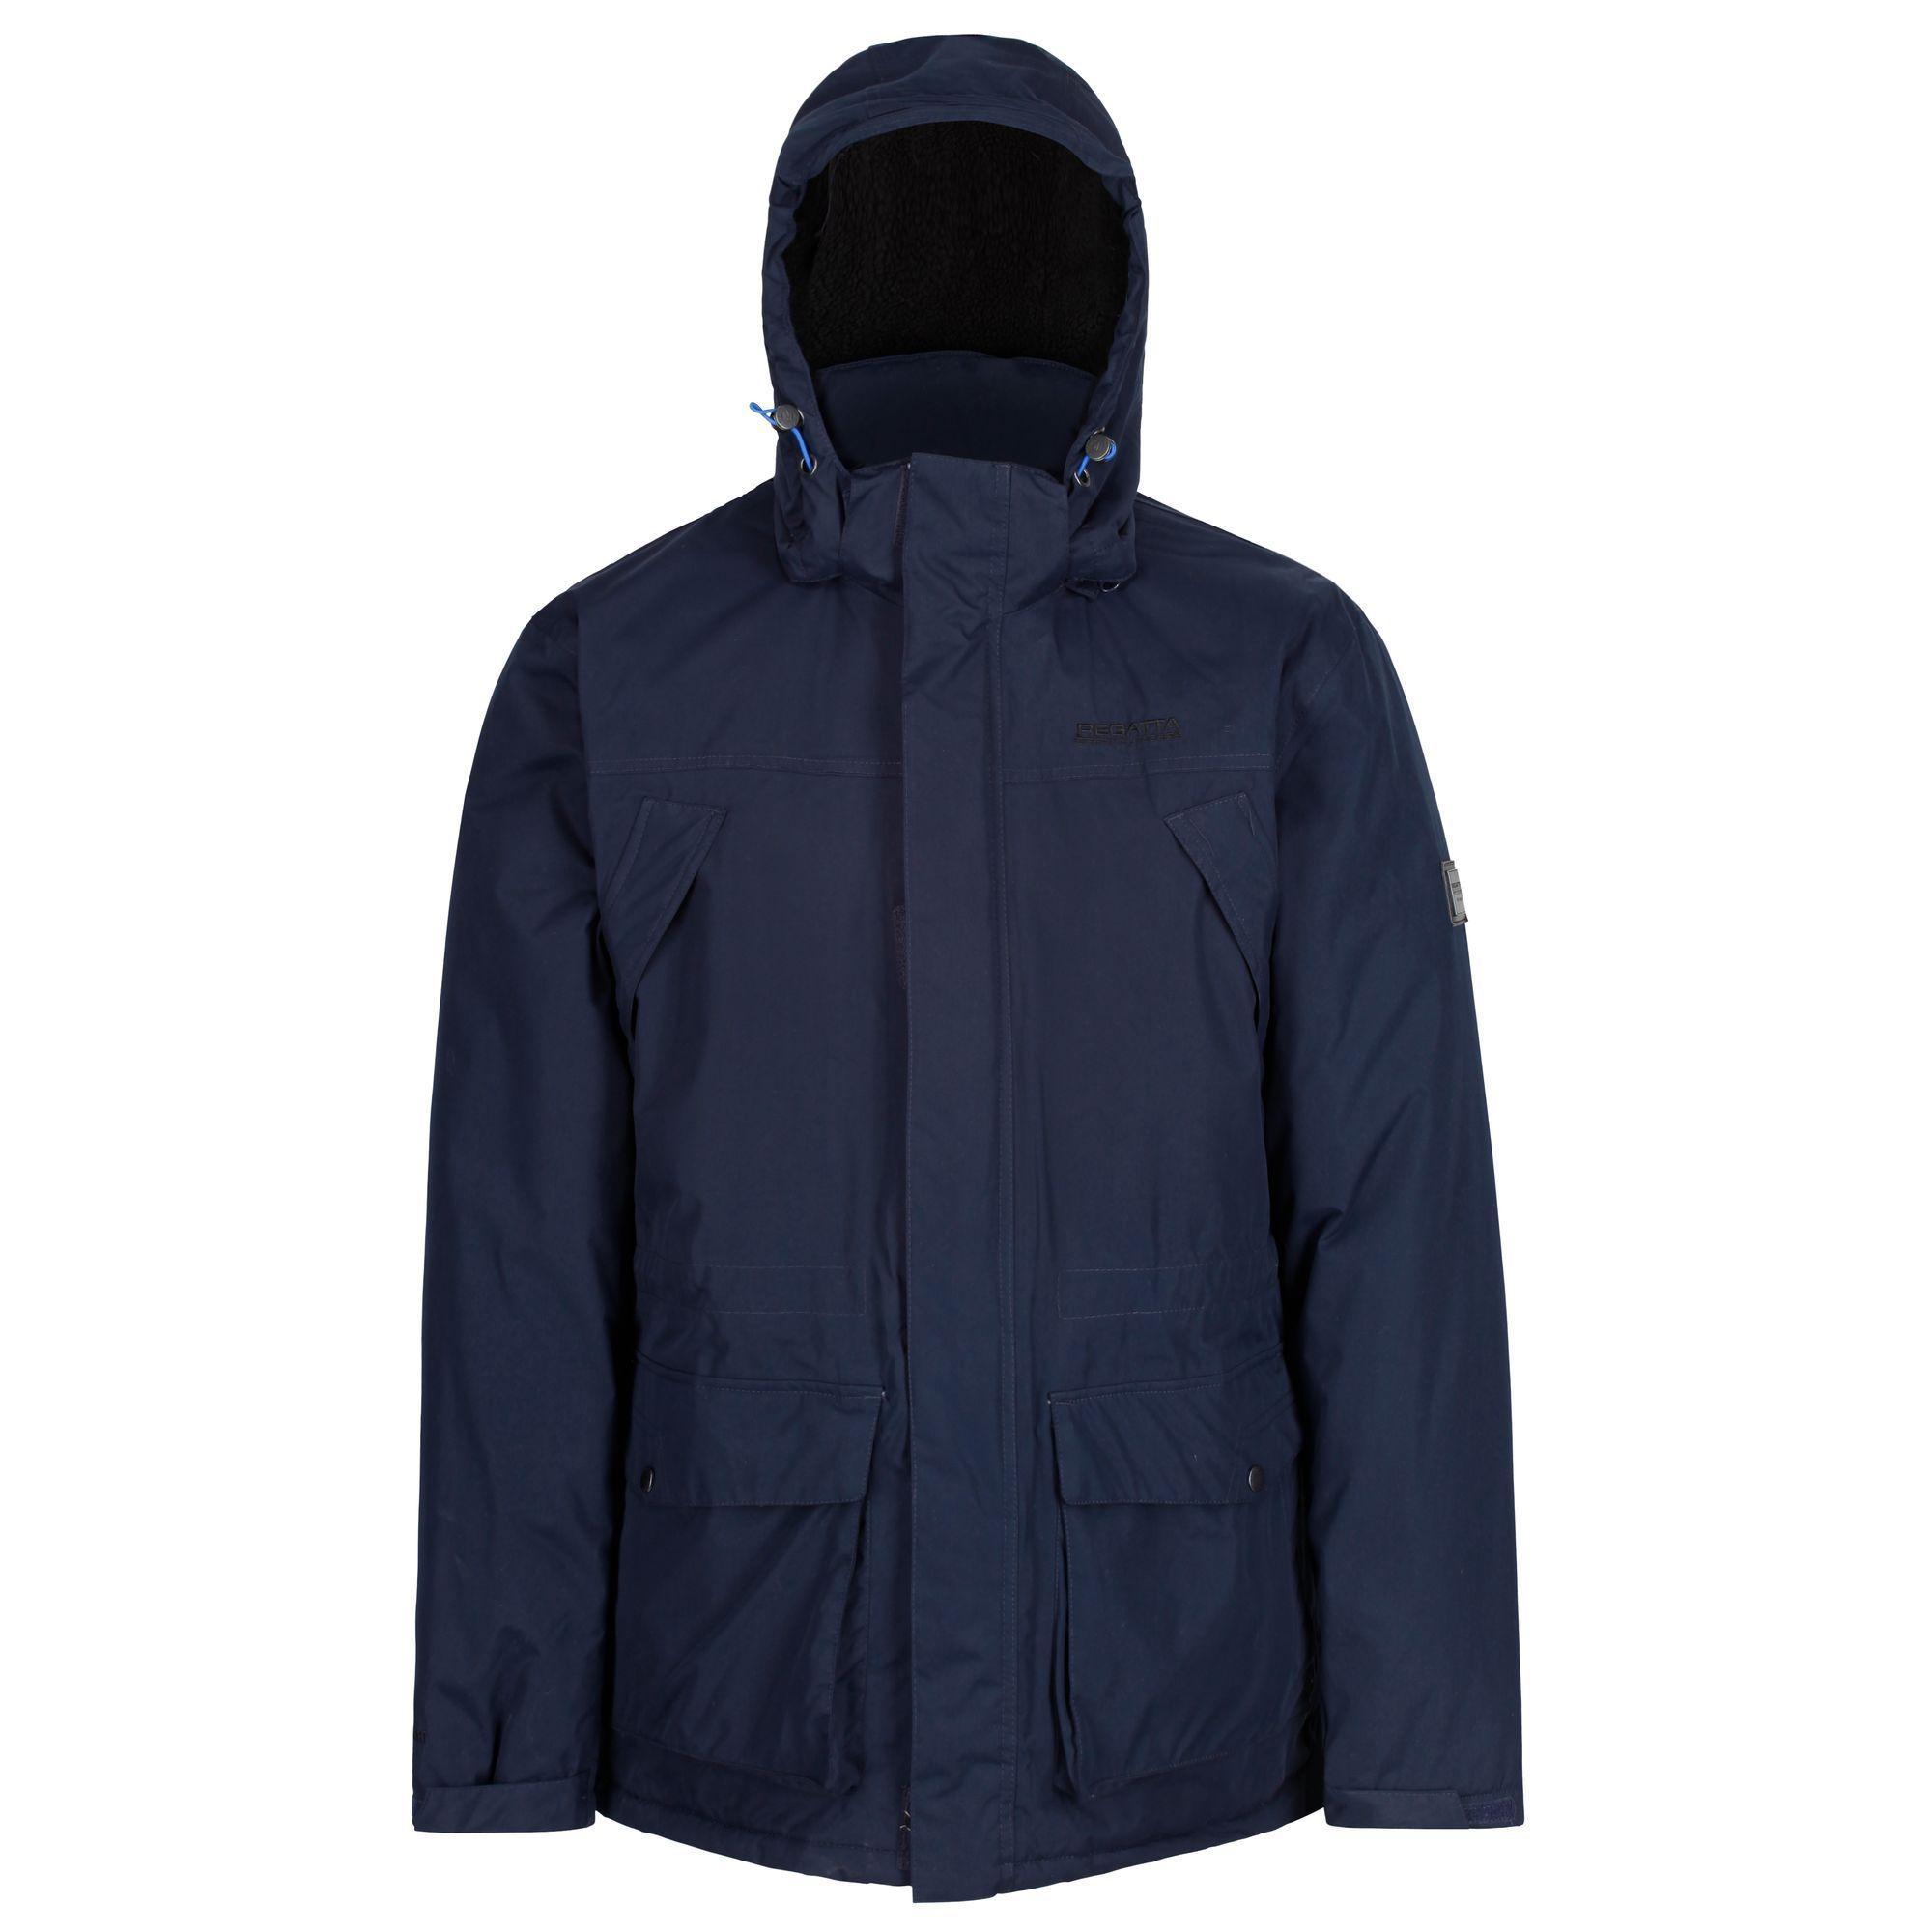 Regatta Fleece 'perran' Insulated Hooded Waterproof Jacket in Blue for Men